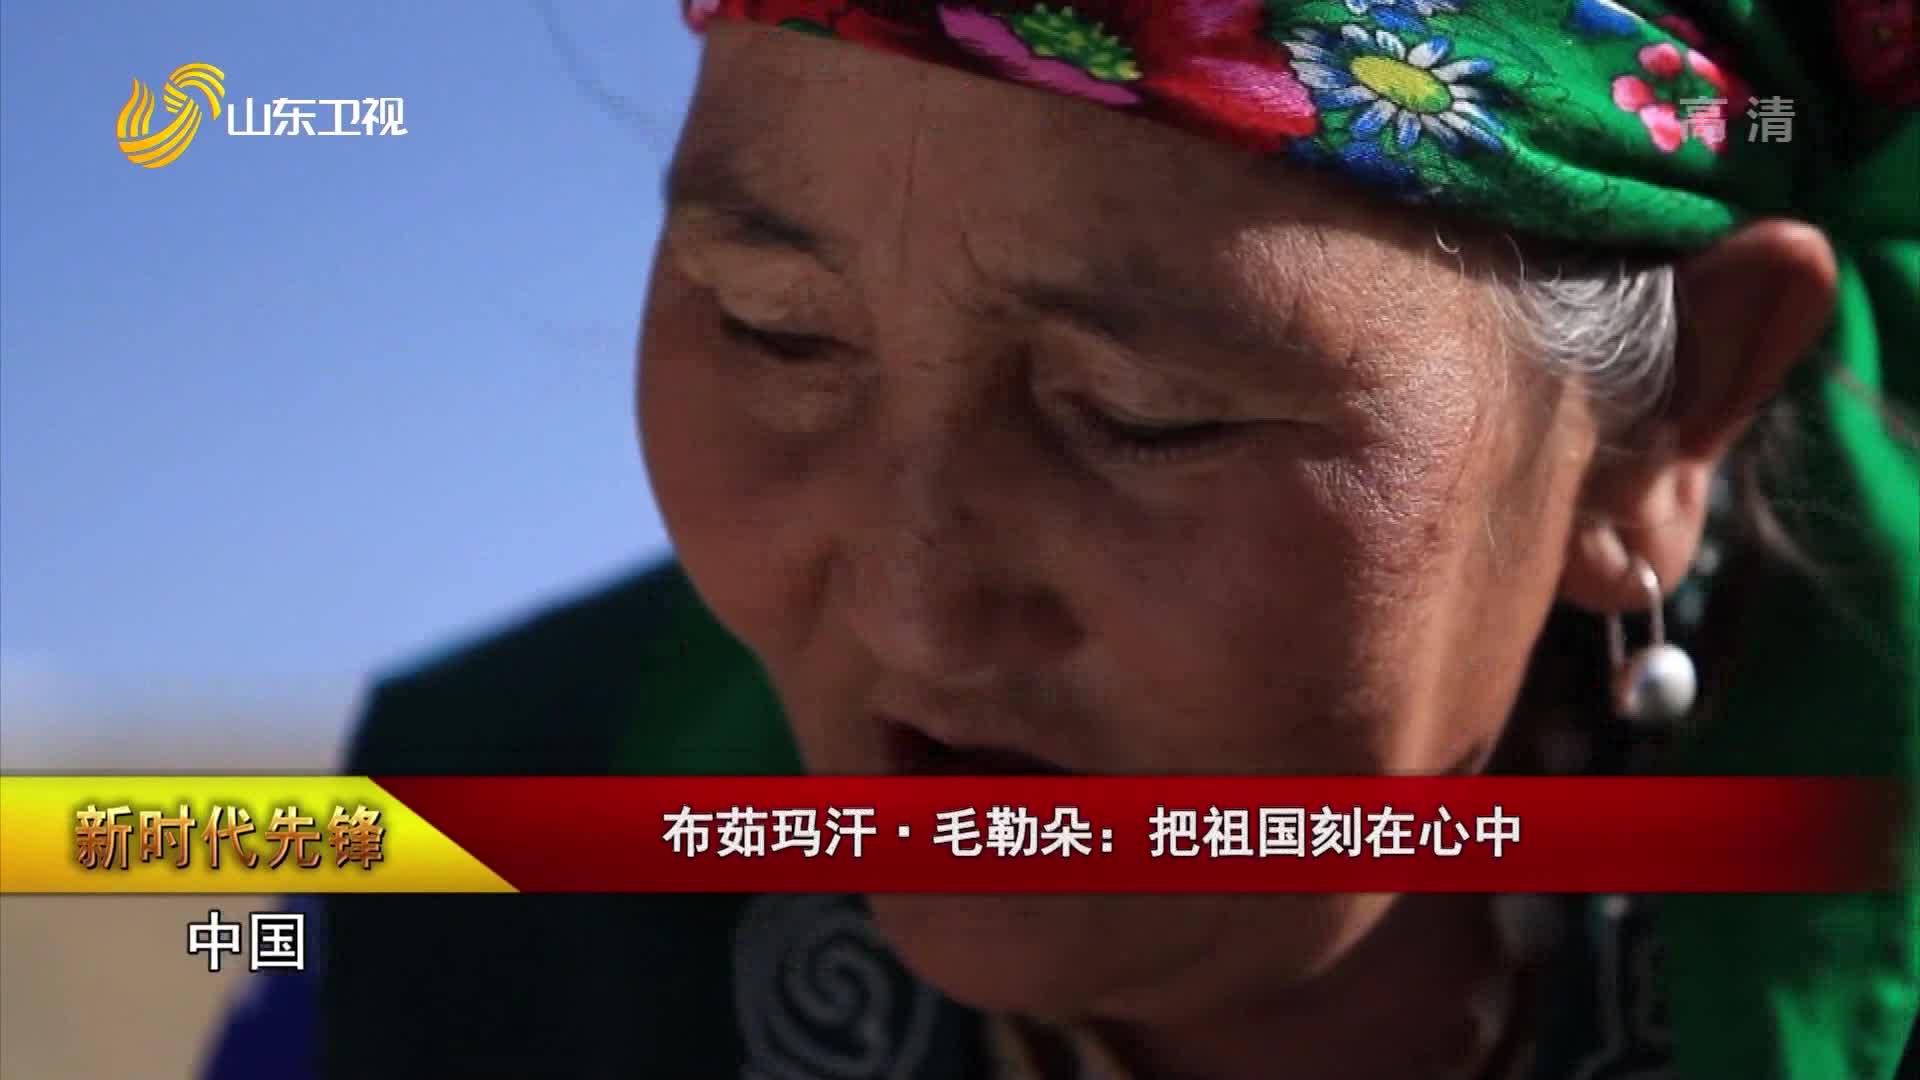 【新时代先锋】布茹玛汗·毛勒朵:把祖国刻在心中